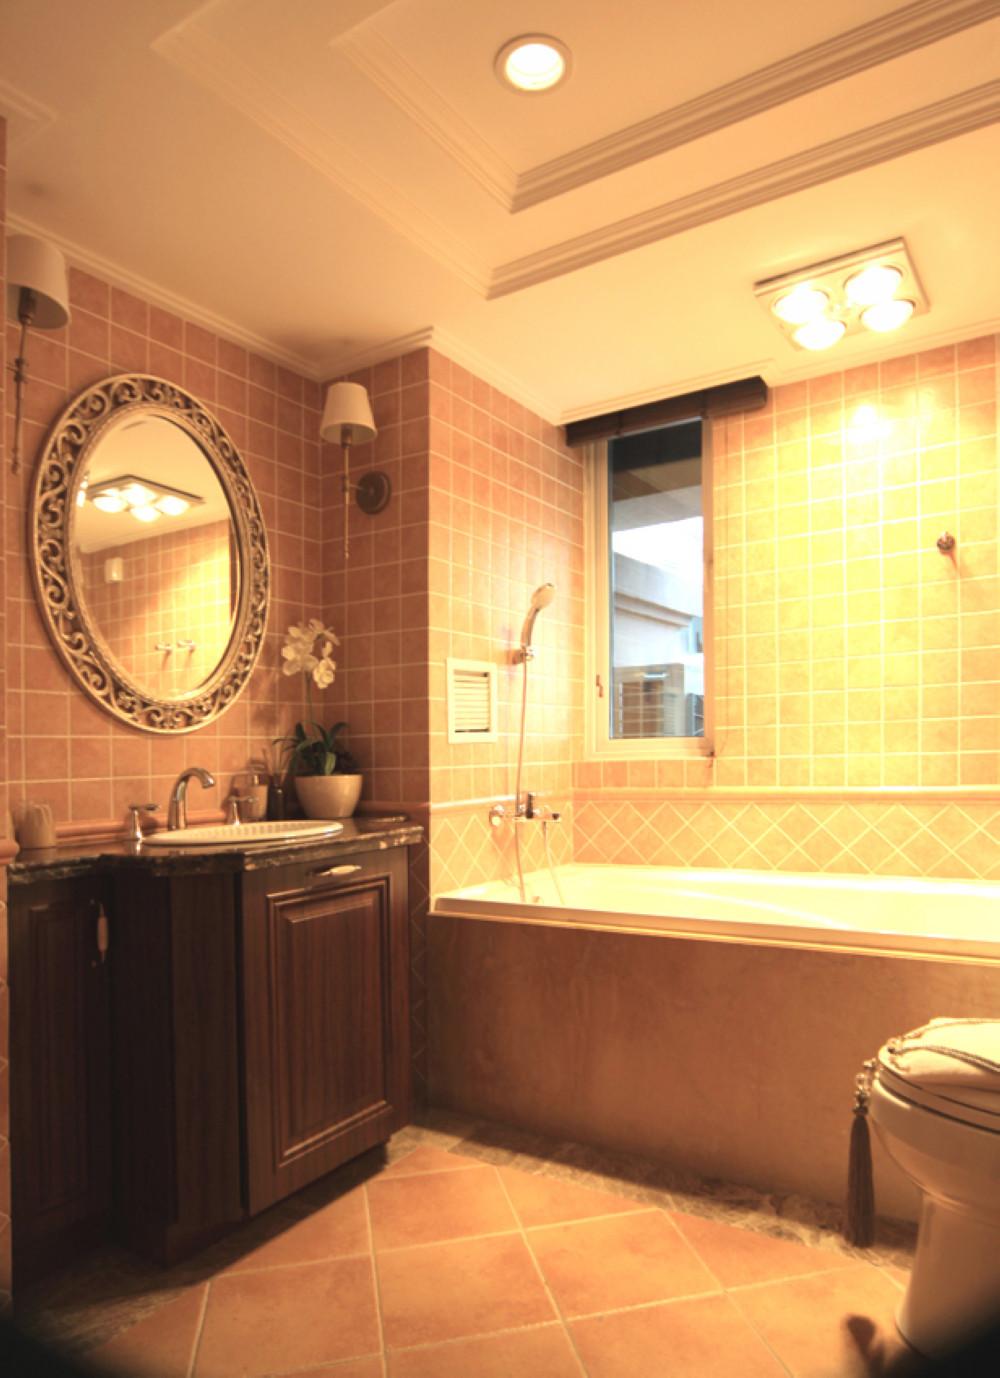 英式风格别墅装修卫生间设计